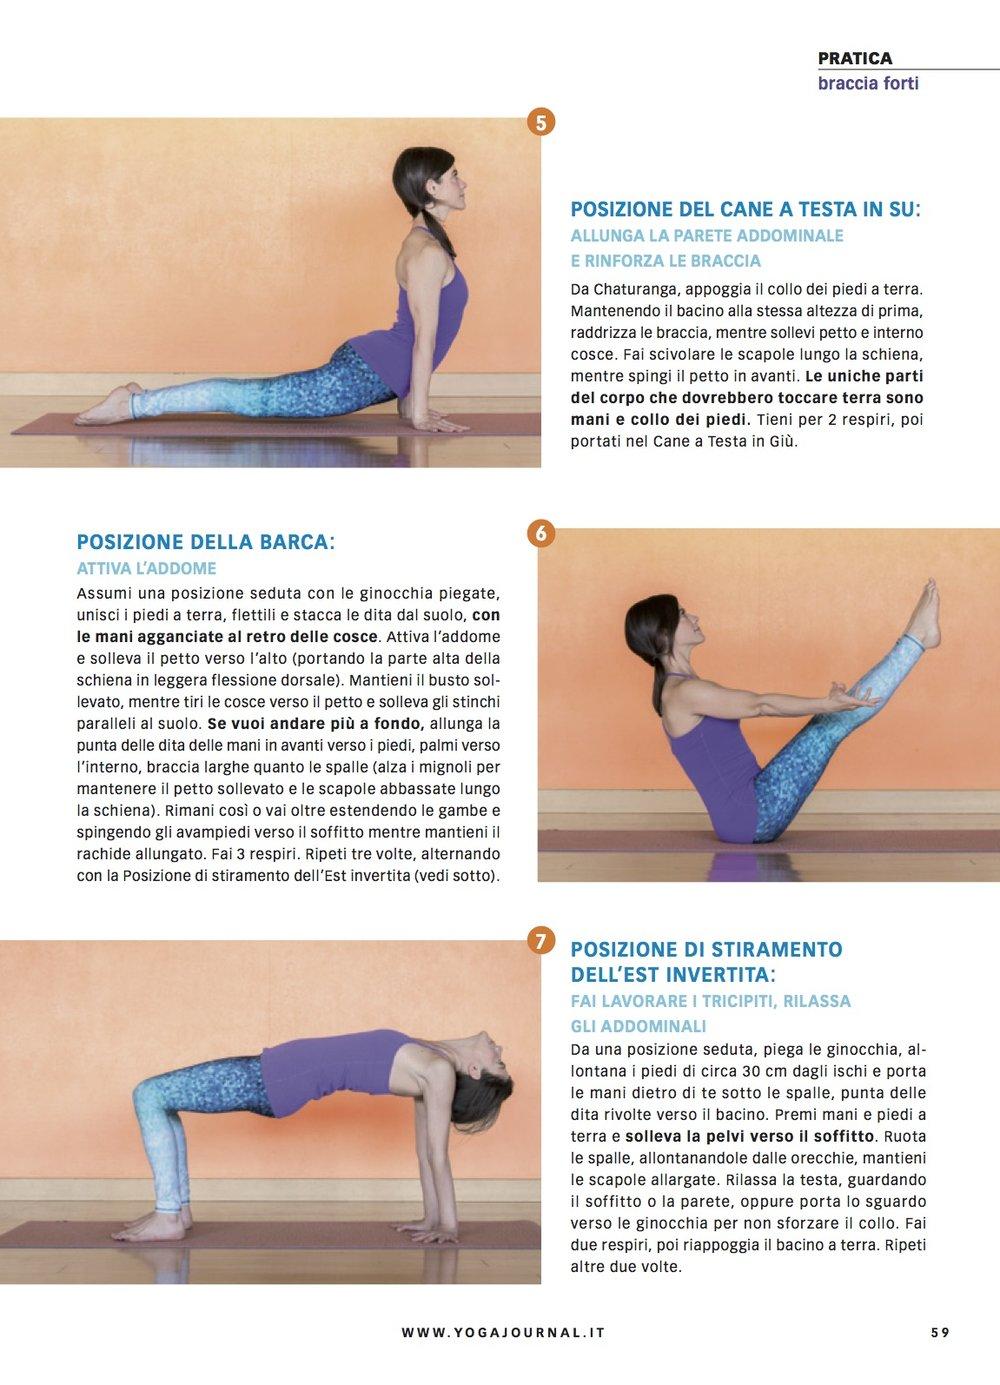 Yoga Journal Italy - September 2016